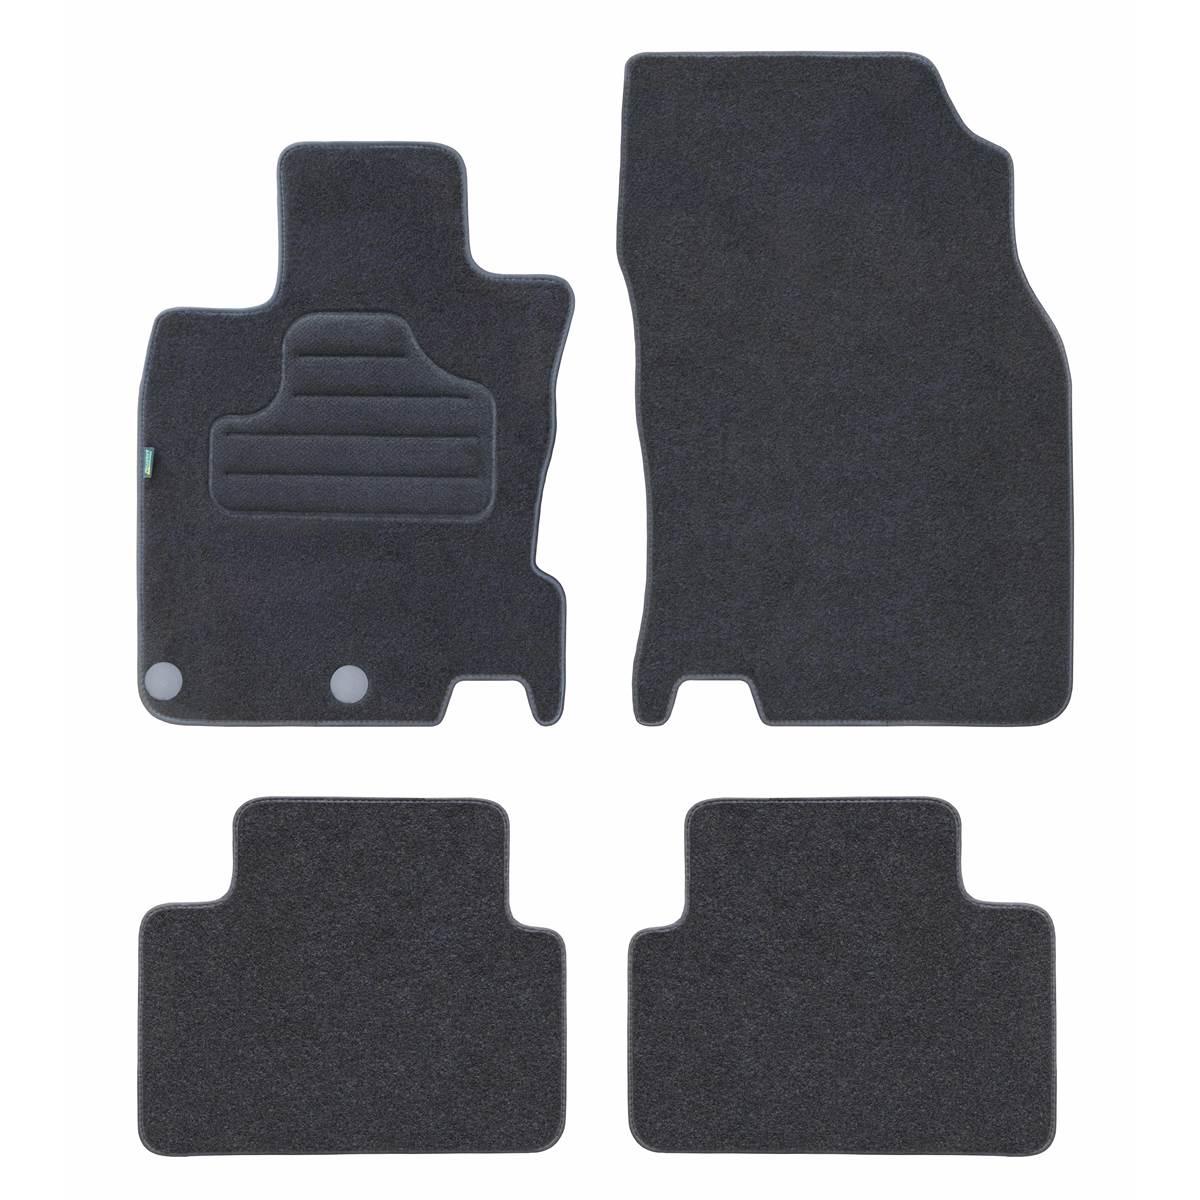 4 tapis sur mesure moquette noire pour Nissan Qashqai II Feu Vert